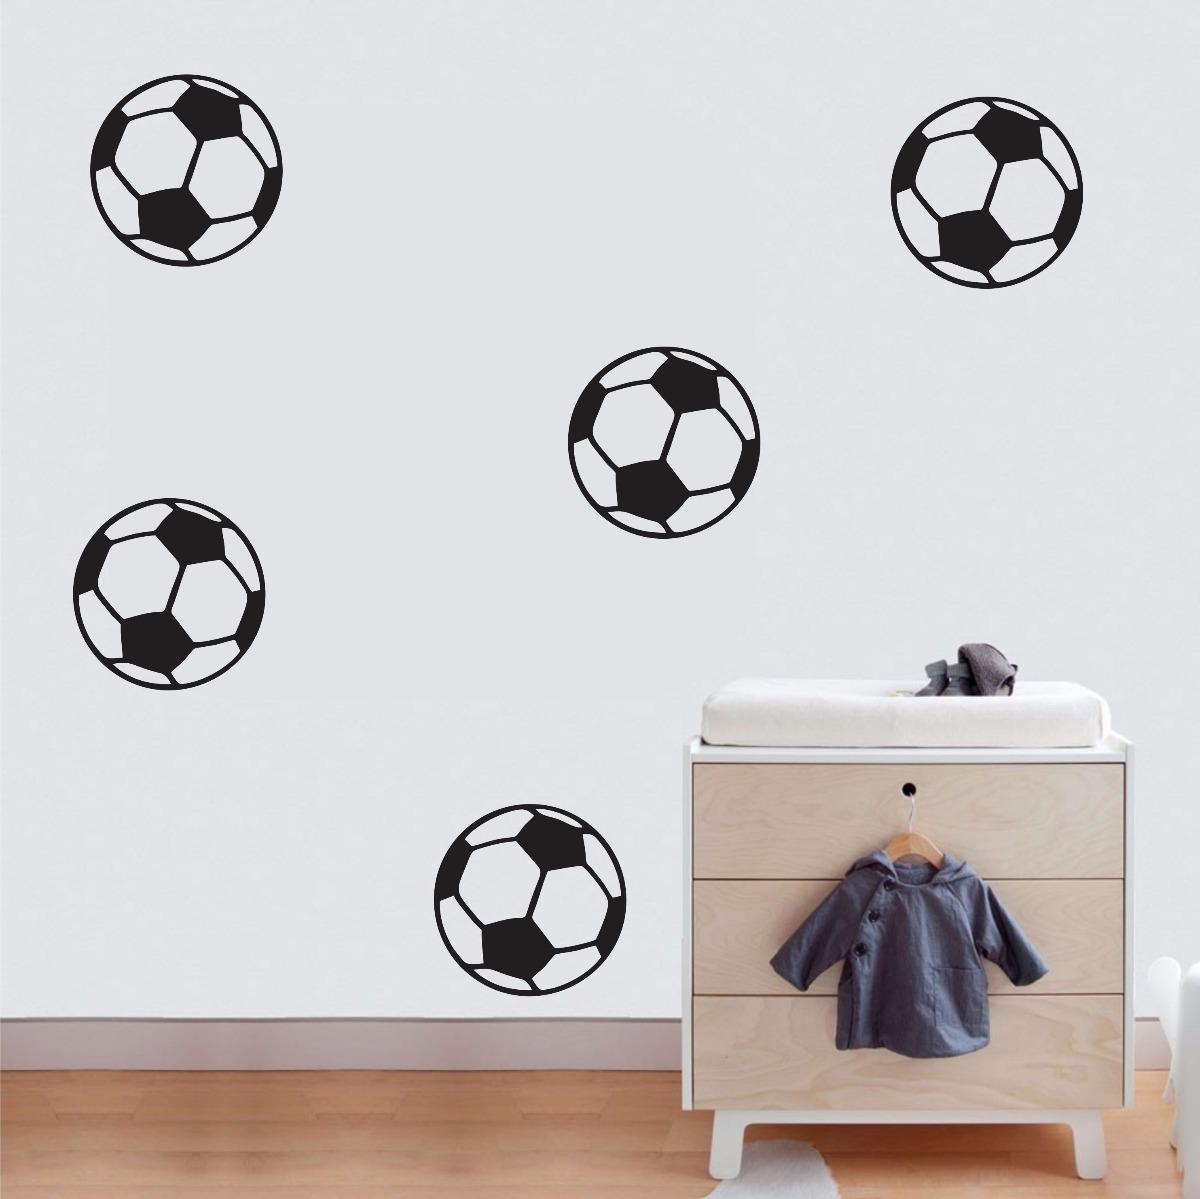 adesivo parede quarto infantil esporte futebol kit bolas. Carregando zoom. 333eaf83beaf3